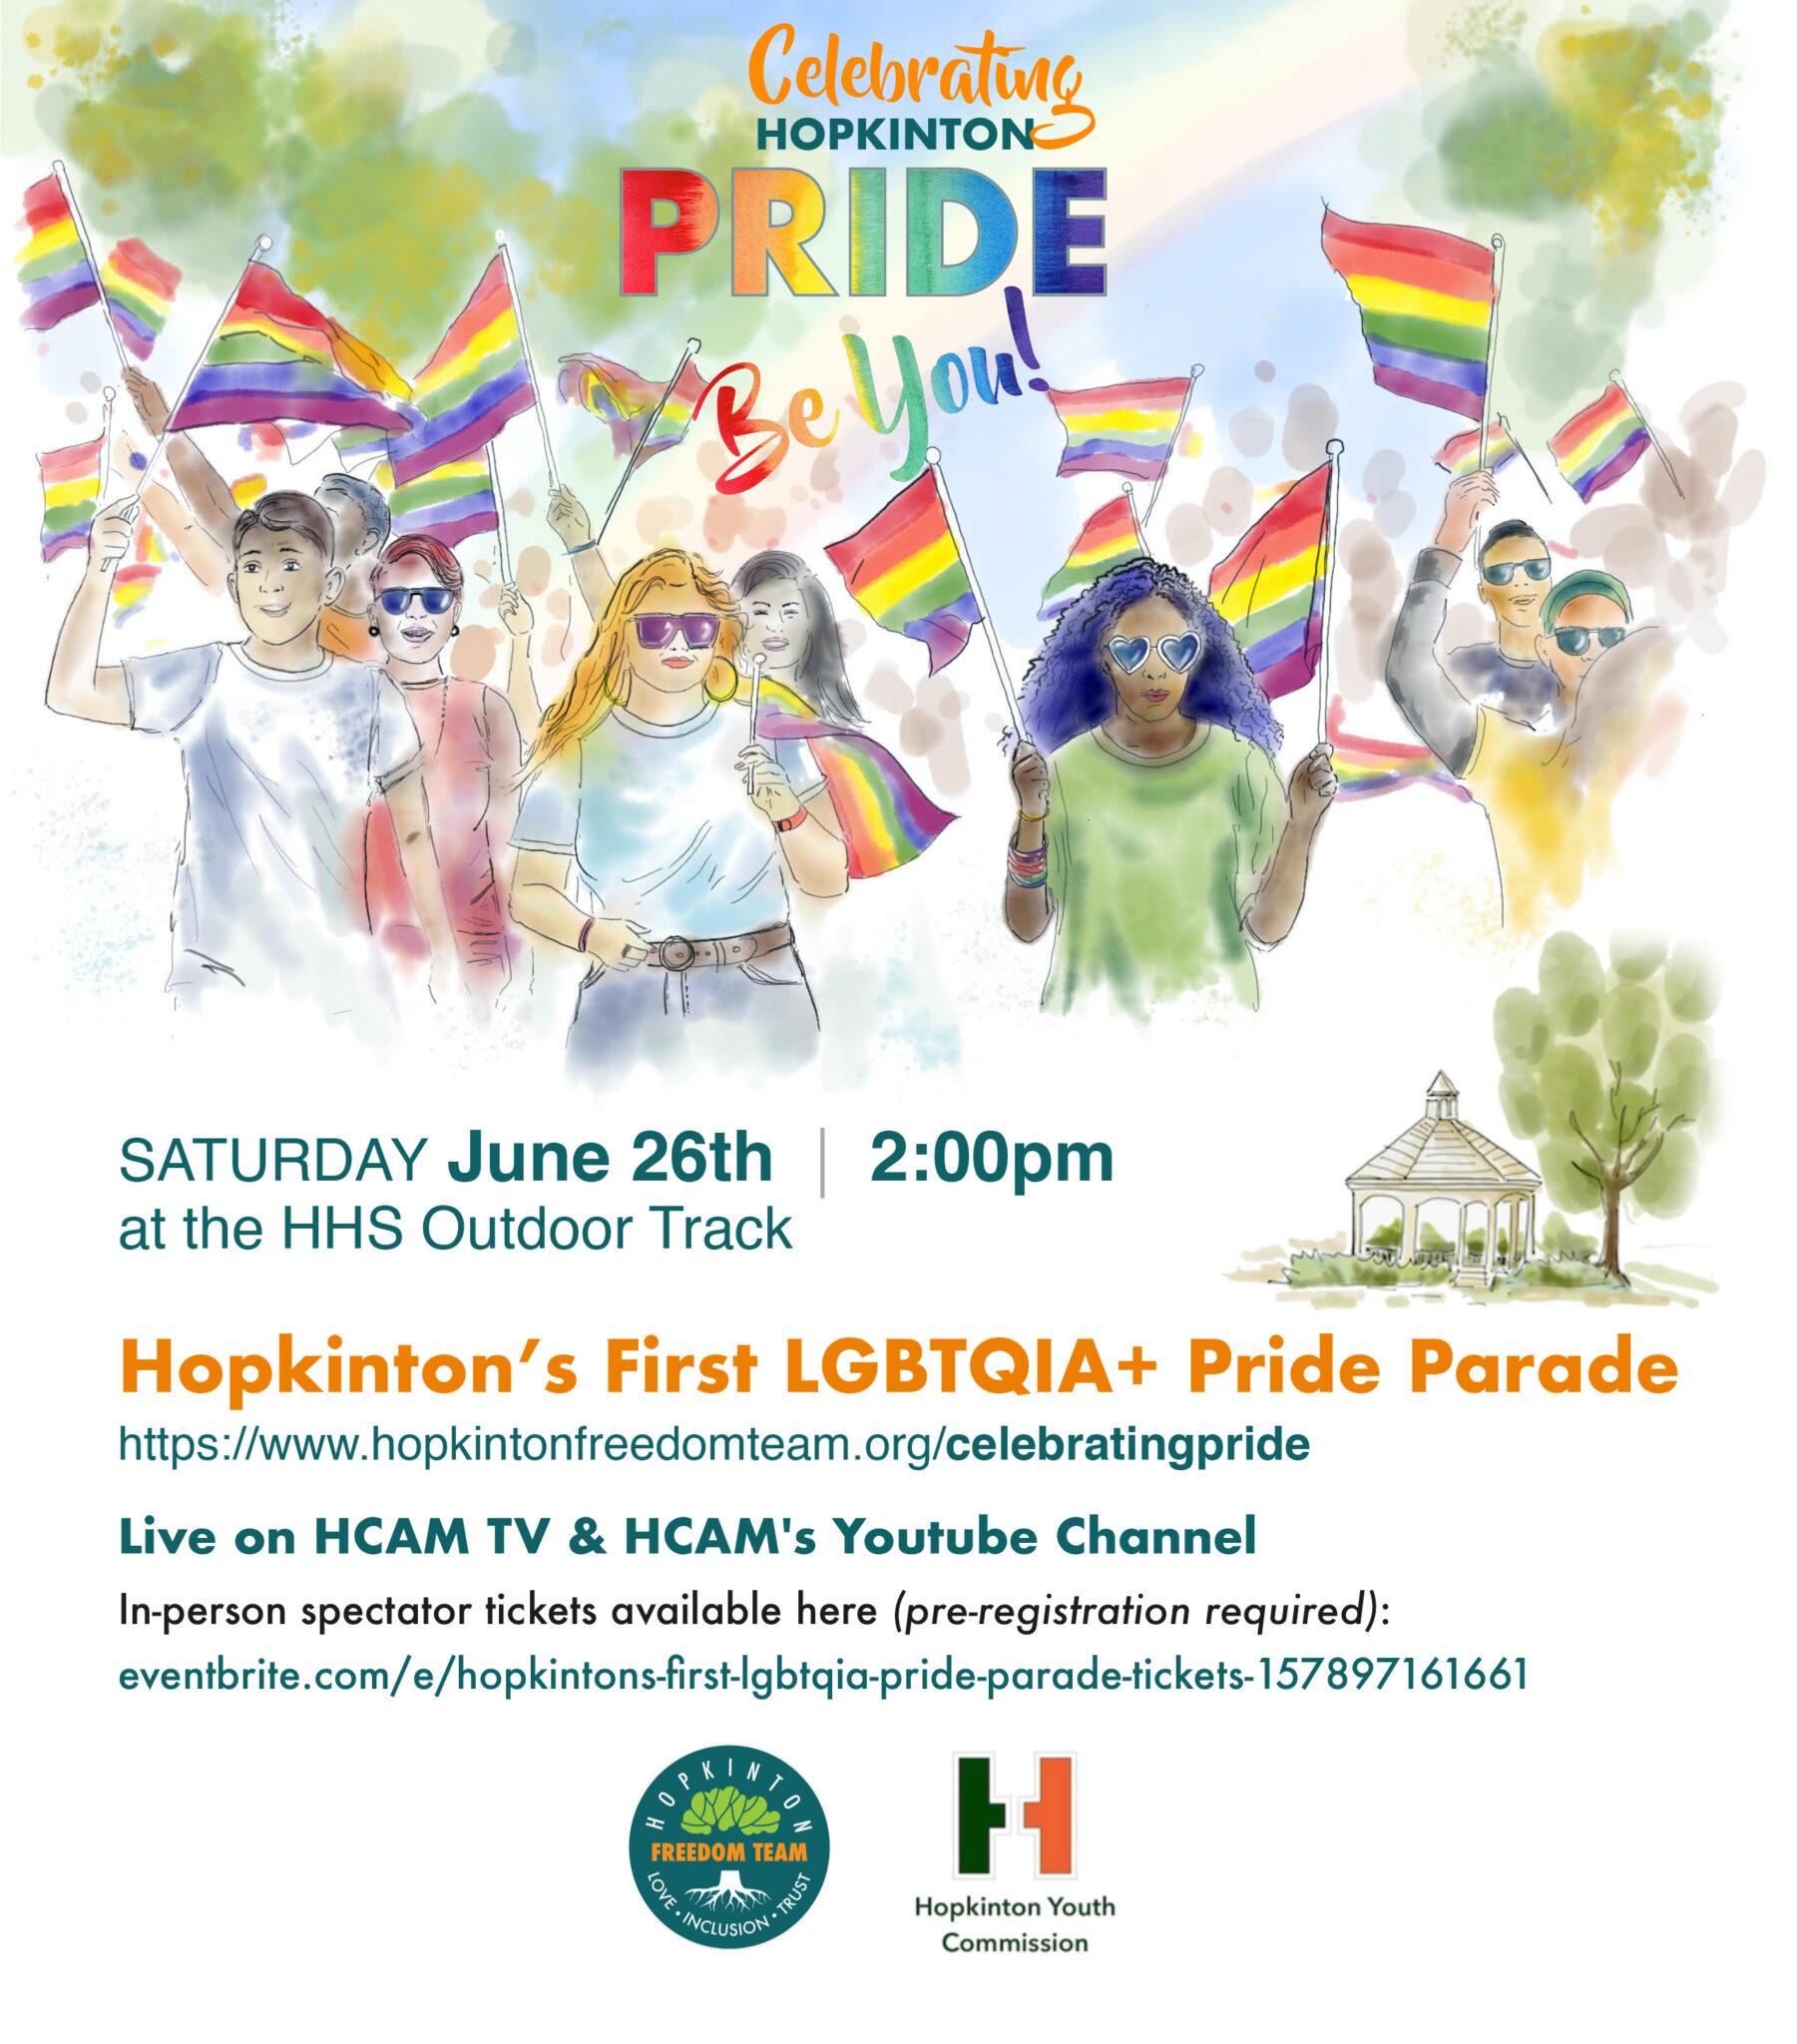 Freedom Team Pride Parade flyer